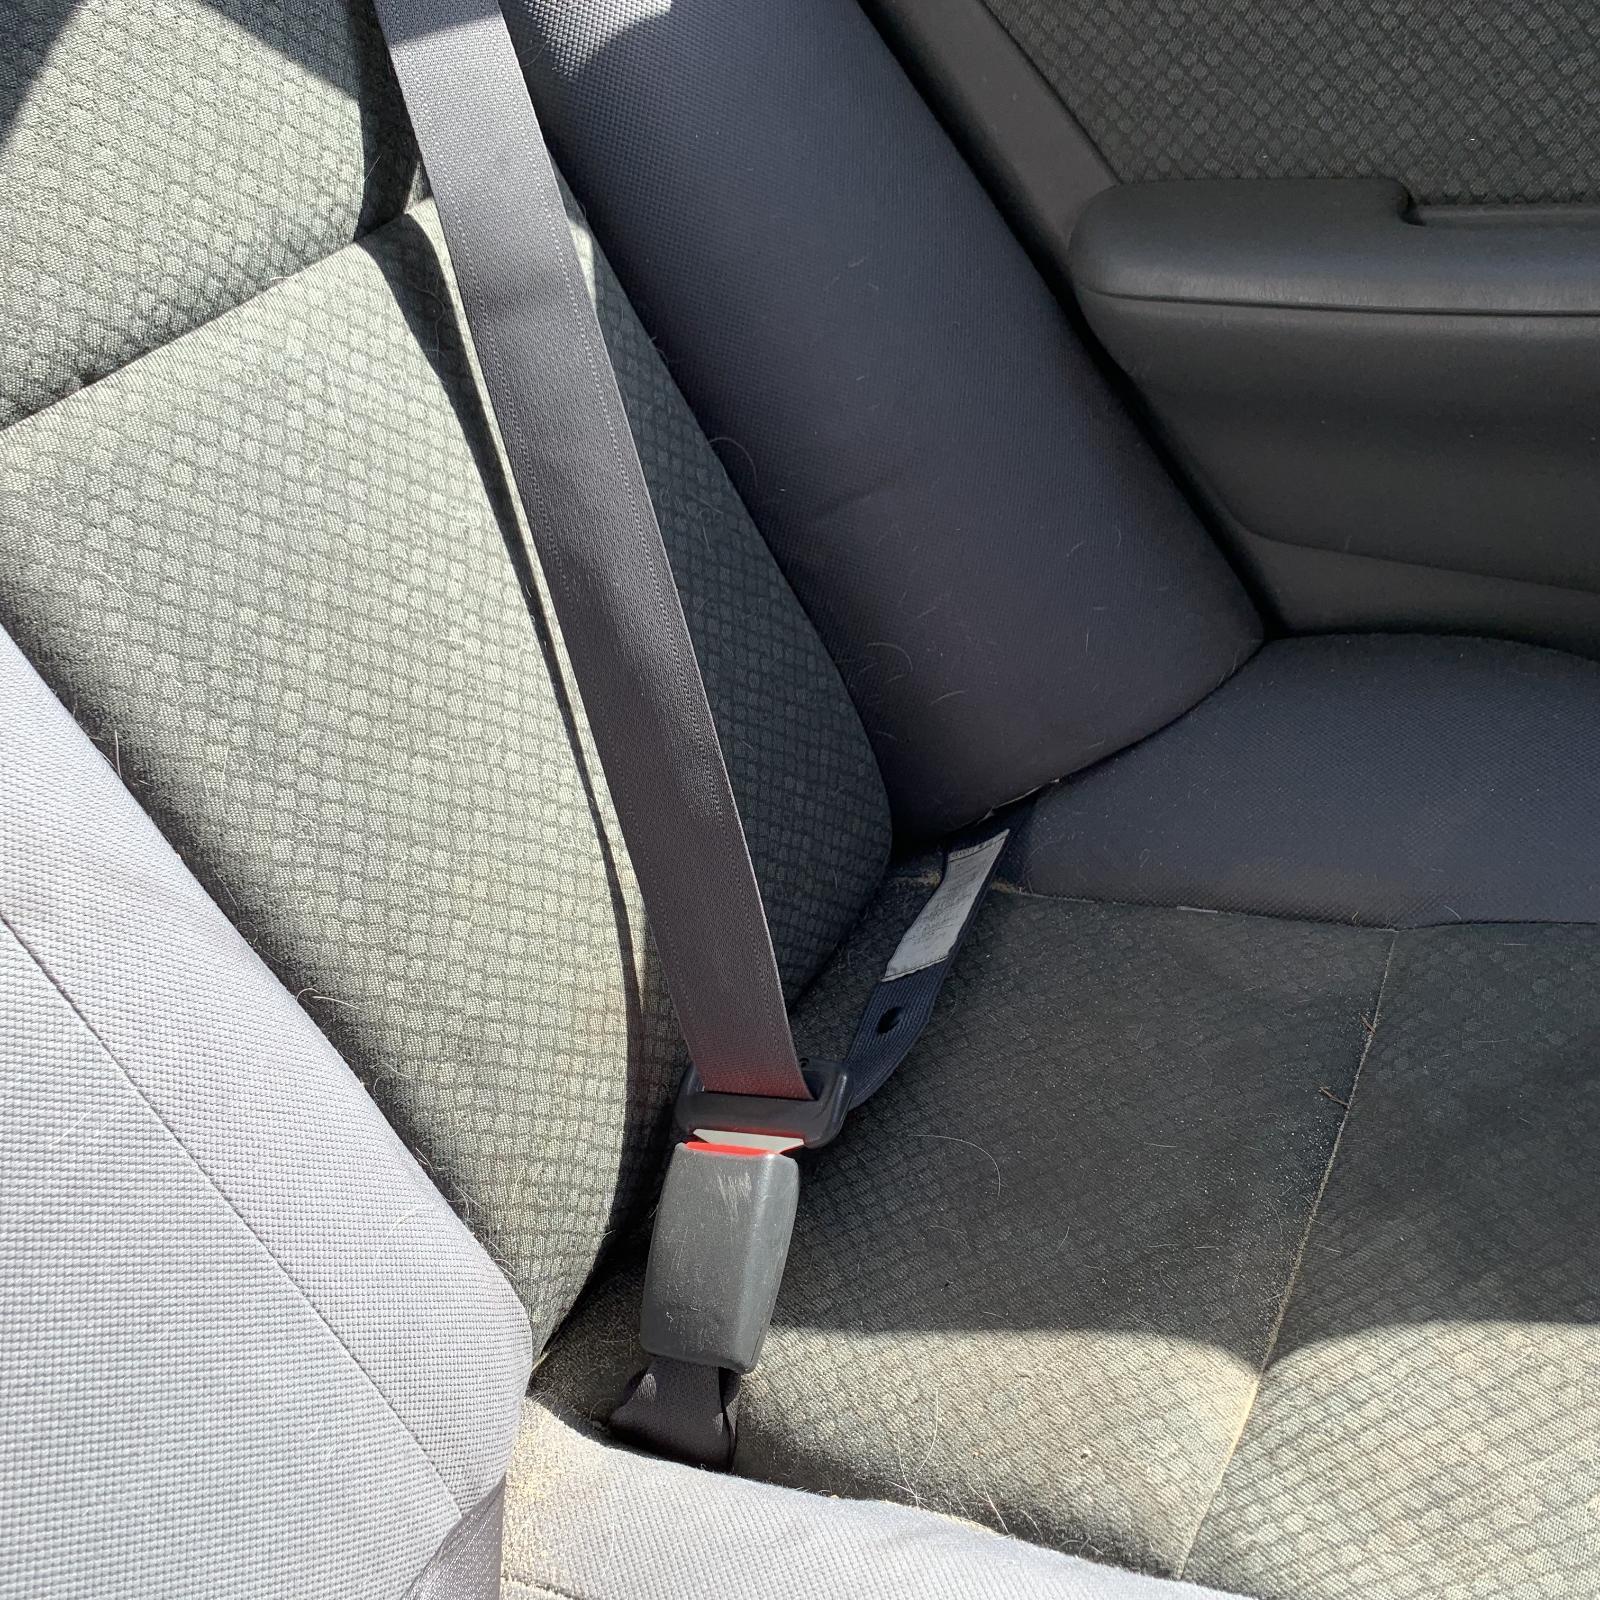 TOYOTA COROLLA, Seatbelt/Stalk, LH REAR, SEAT BELT STALK ONLY, SEDAN, ZZE122, 12/01-06/07